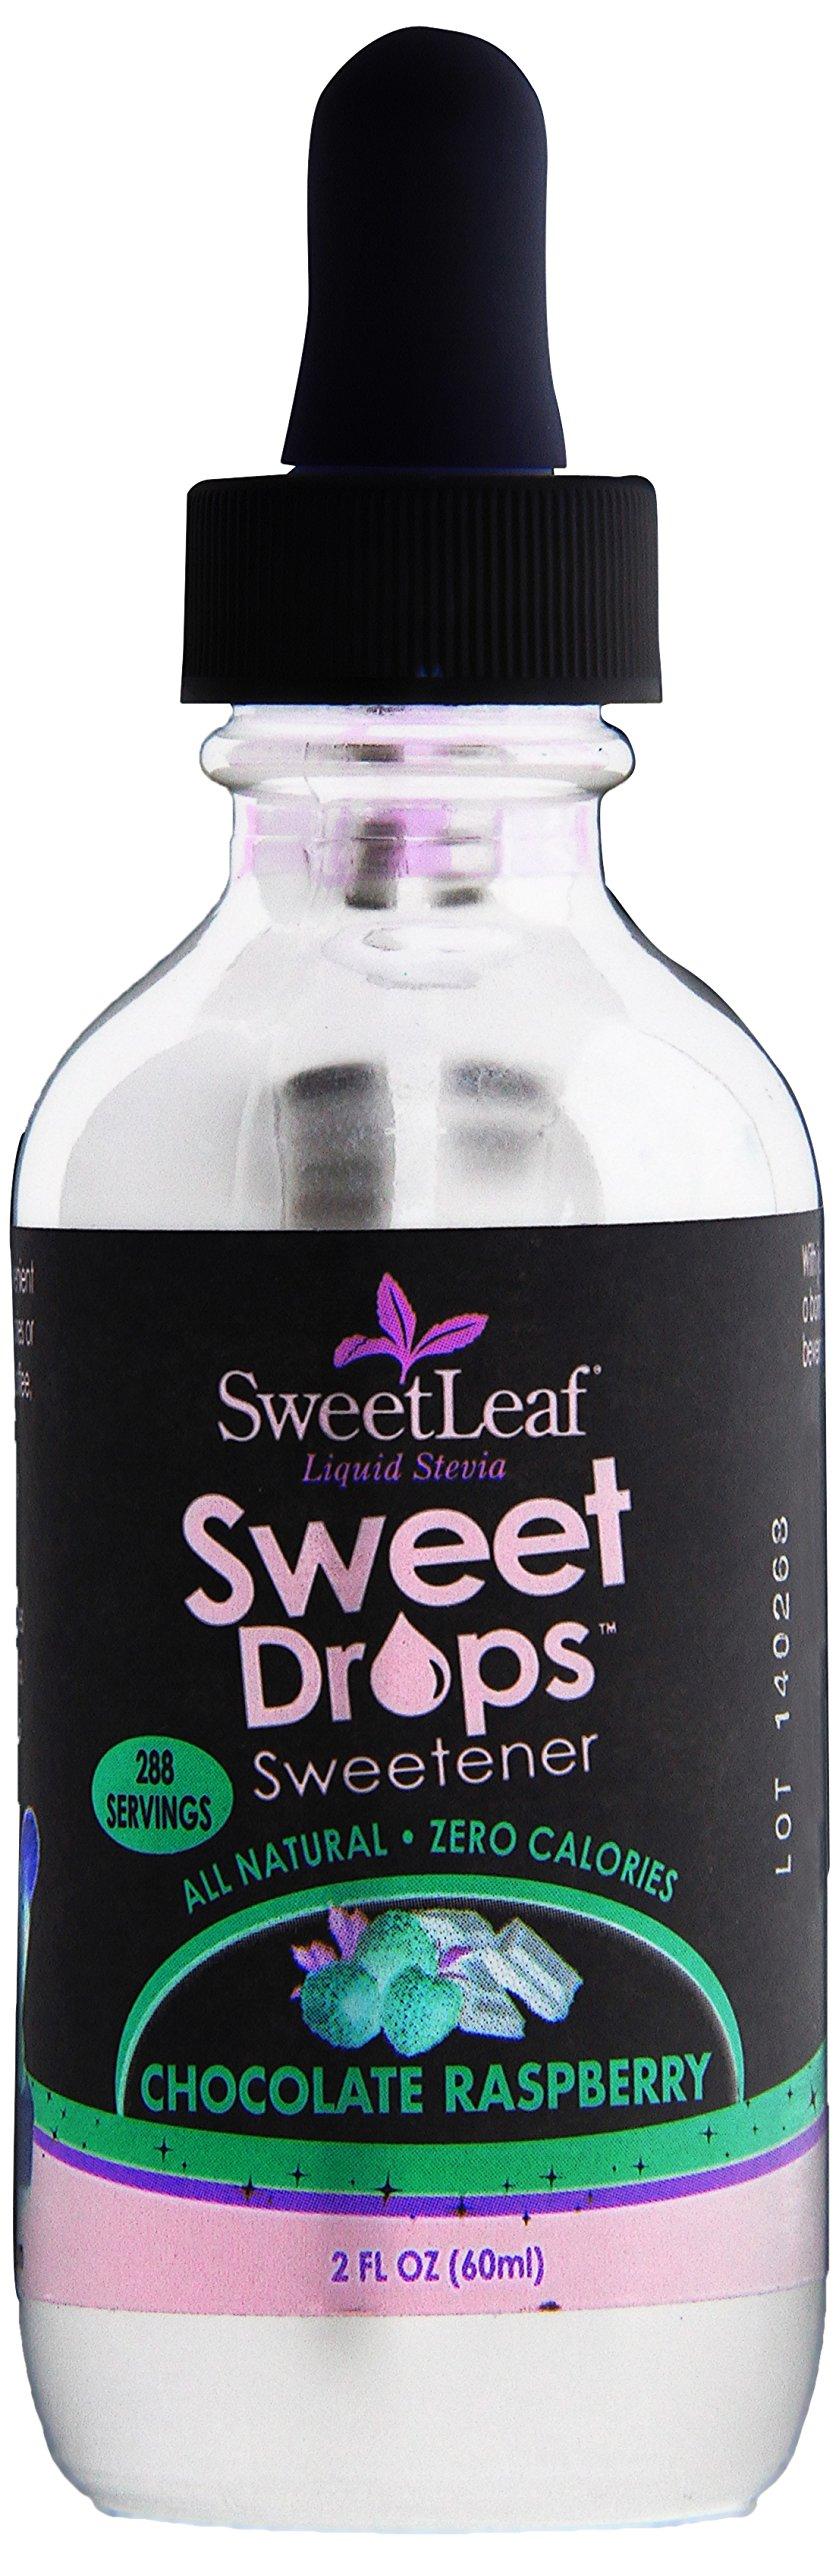 SweetLeaf Sweet Drops Liquid Stevia Sweetener, Chocolate Raspberry, 2 Ounce